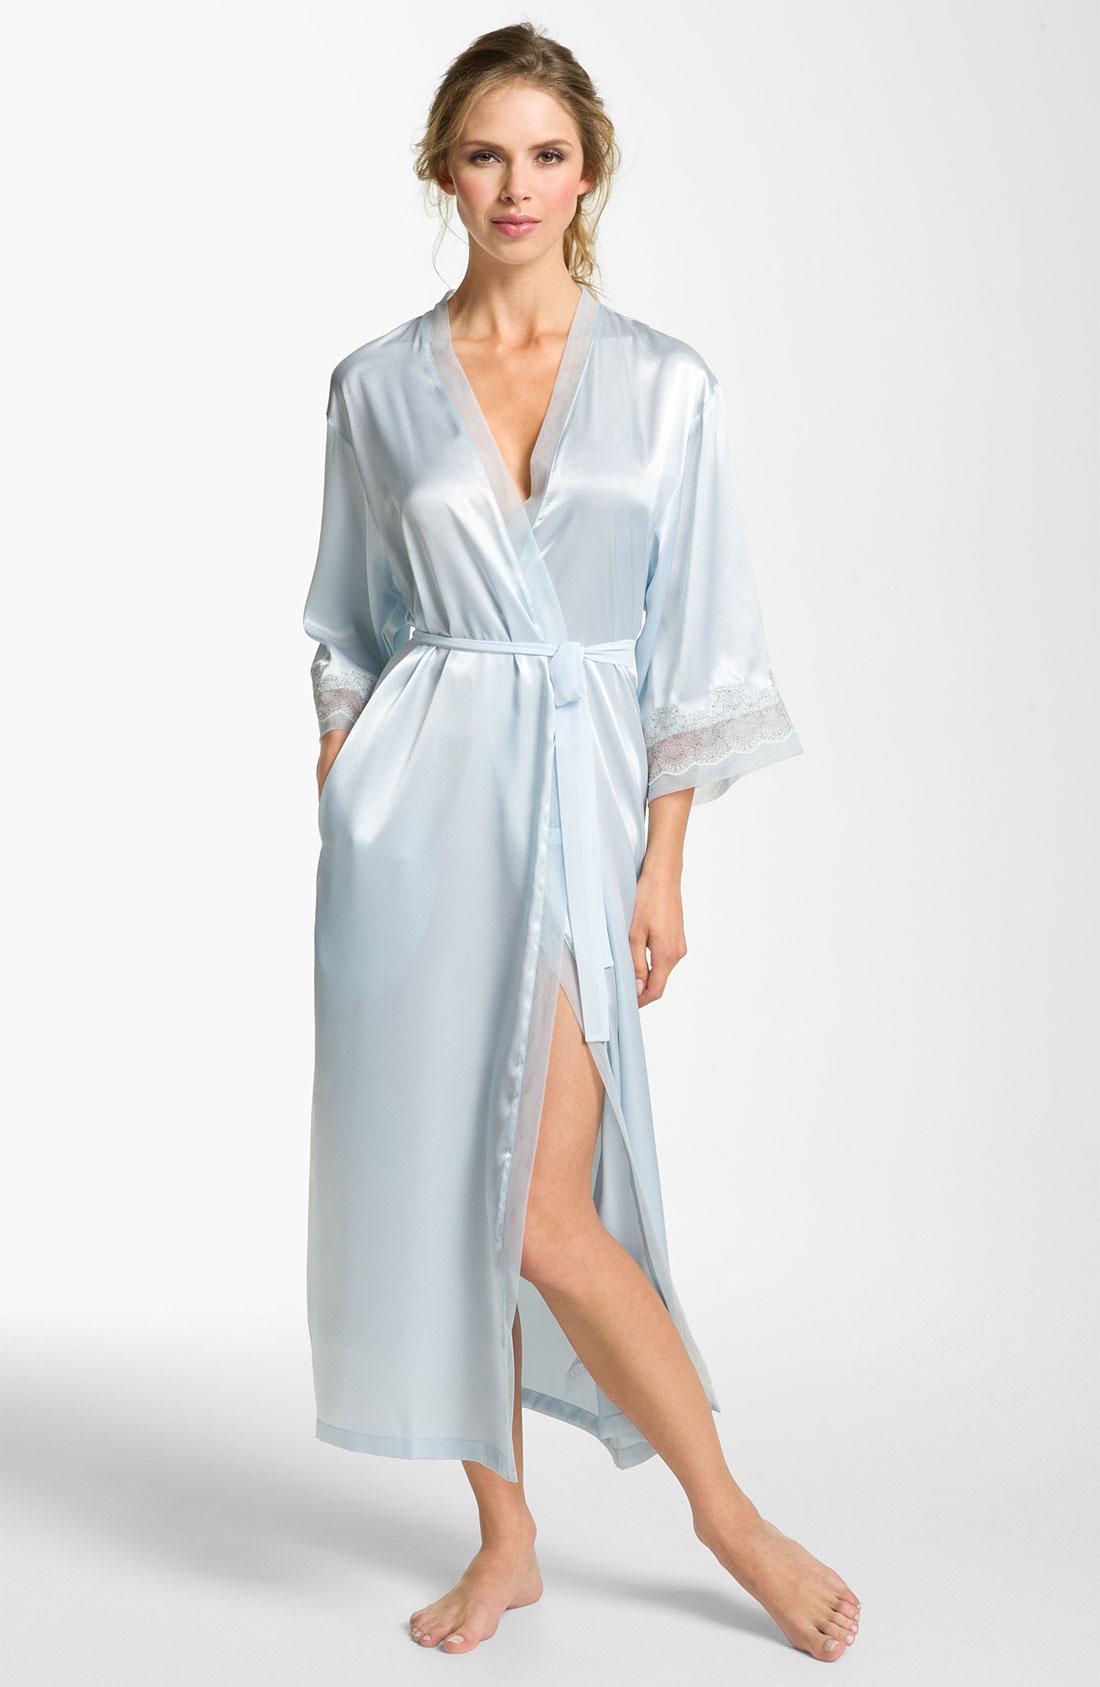 Oscar de la Renta Sleepwear : Nightgowns Pajama Sets at Neiman